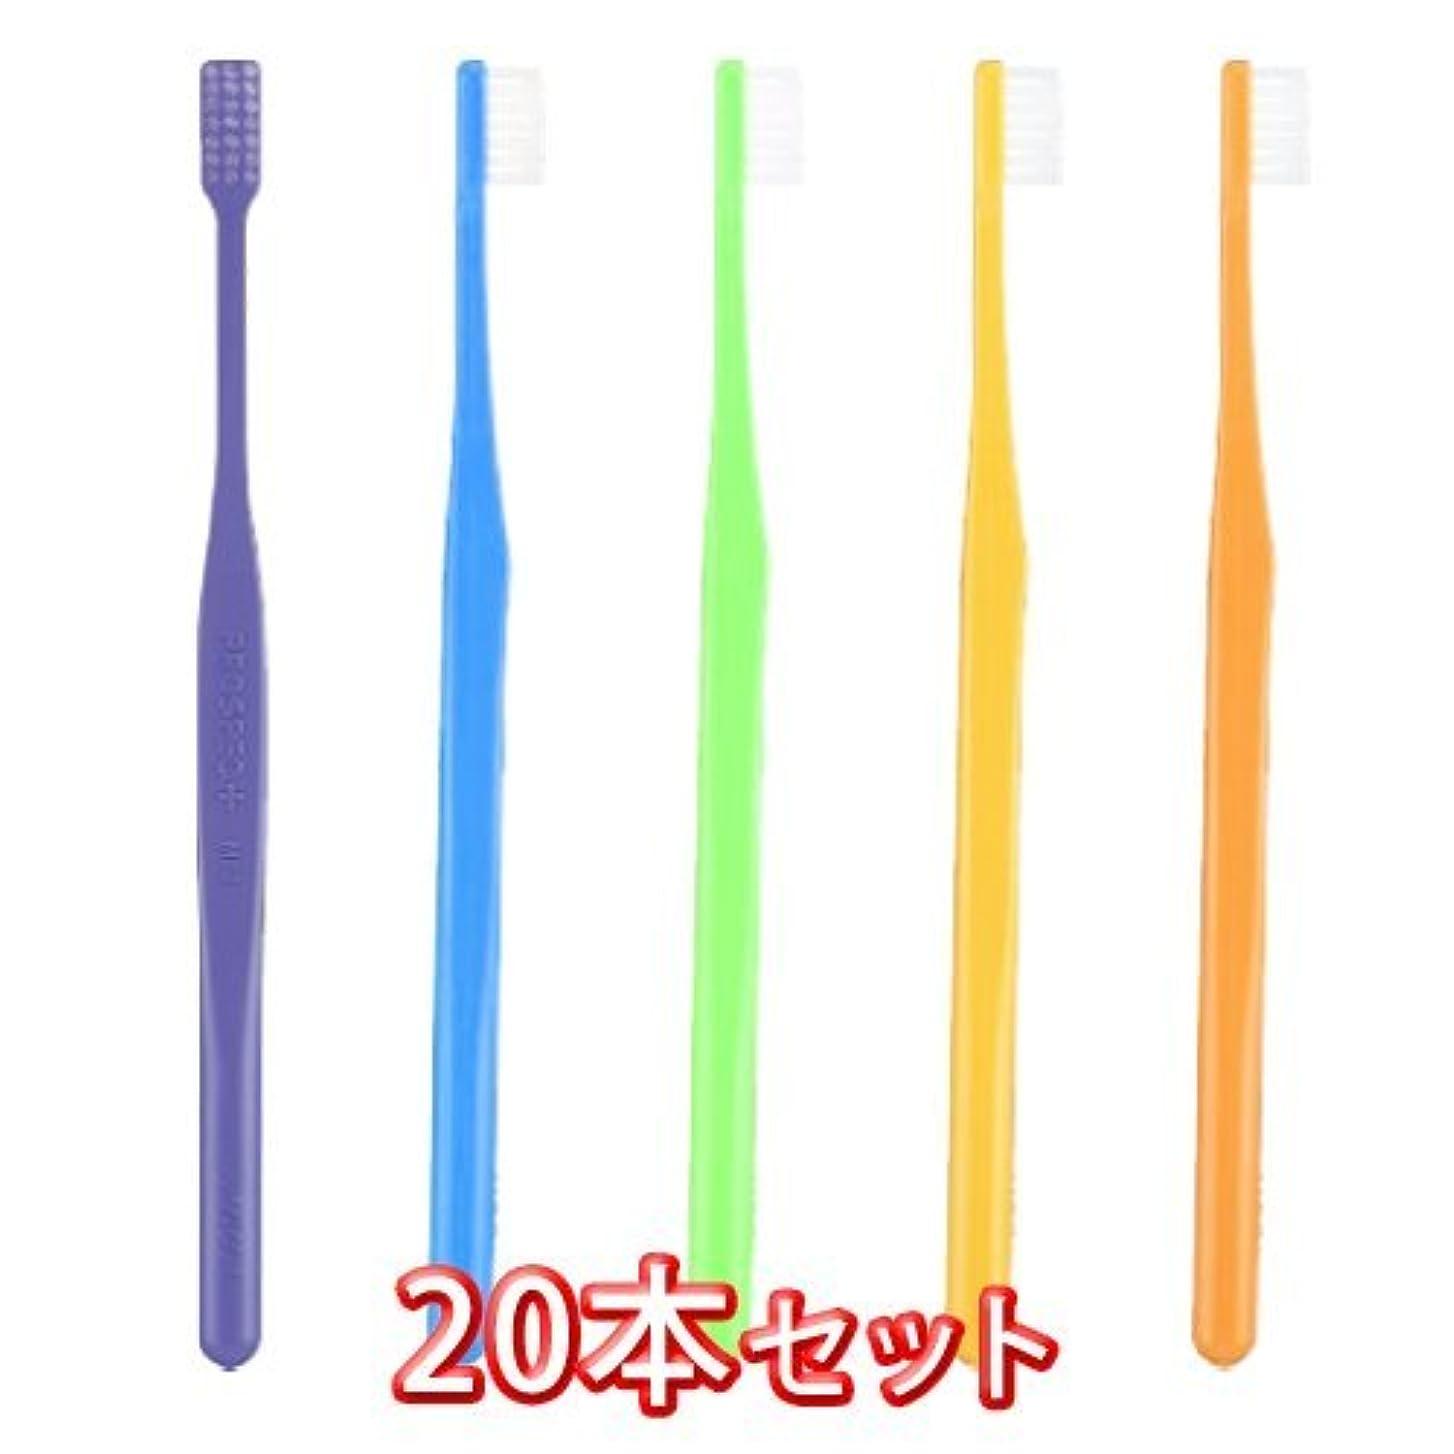 に慣れふくろう賞賛するプロスペック プラス ミニ歯ブラシ 20本入